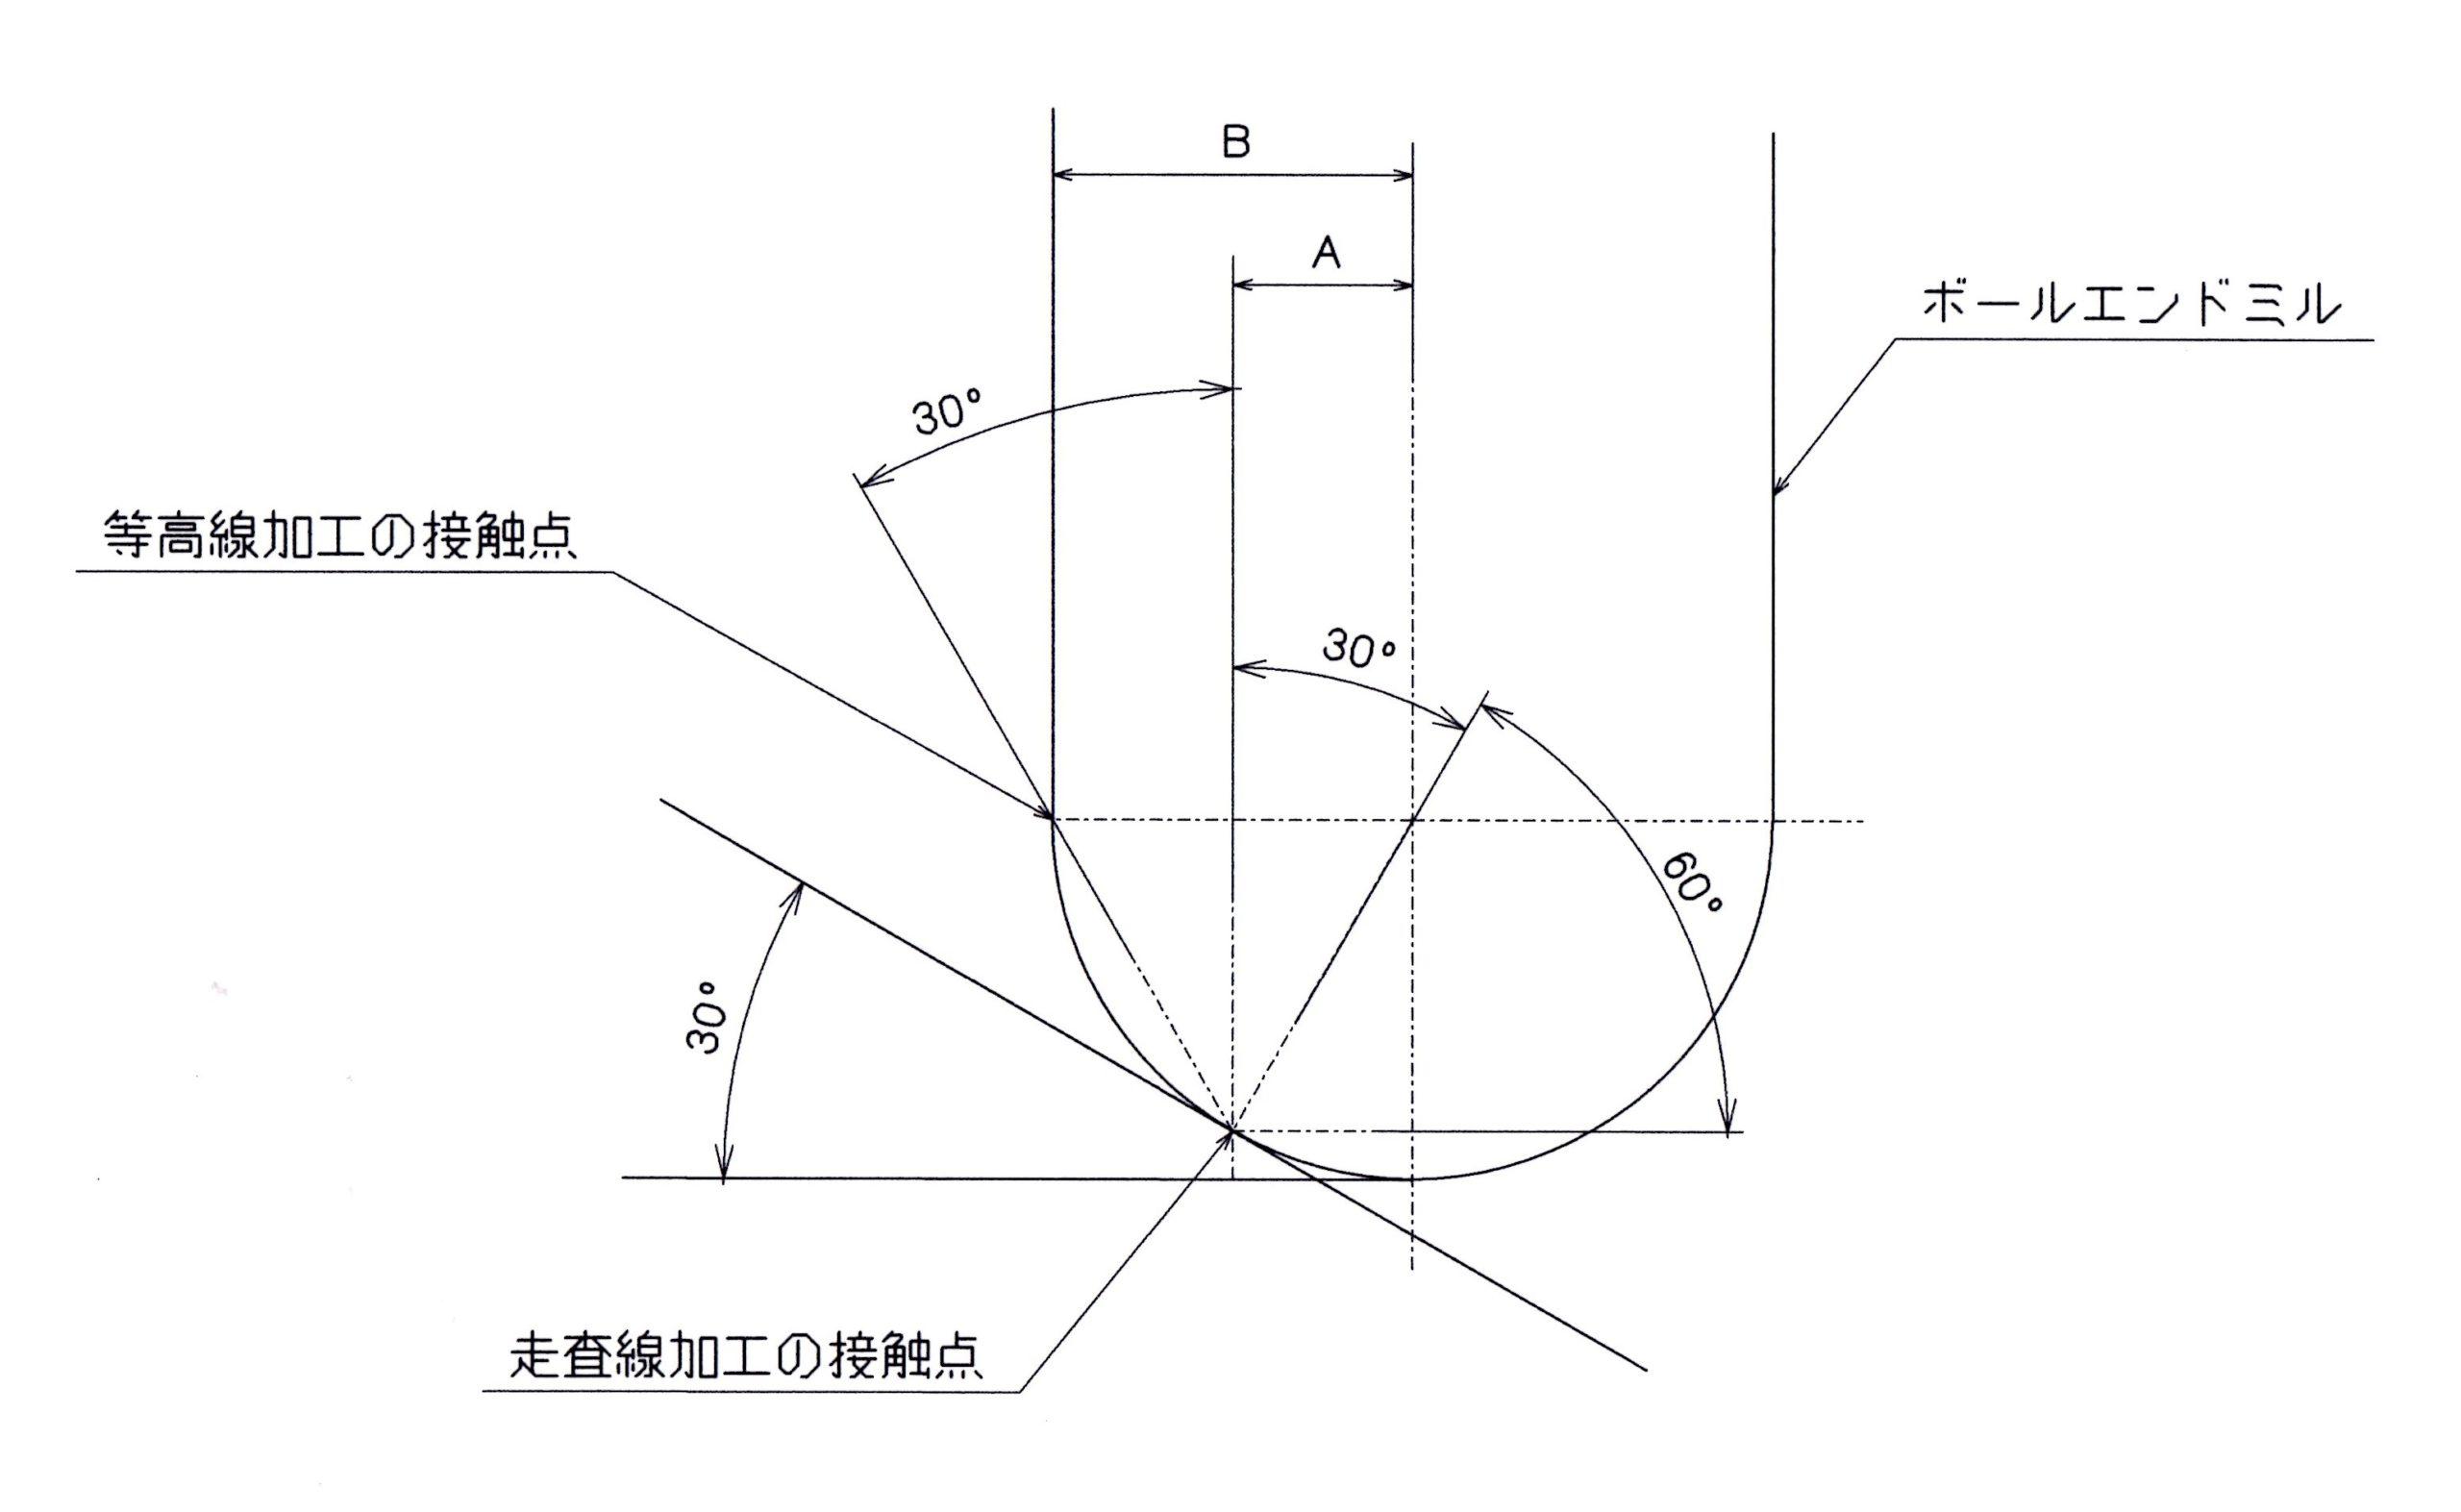 図2 それぞれの加工の接触点